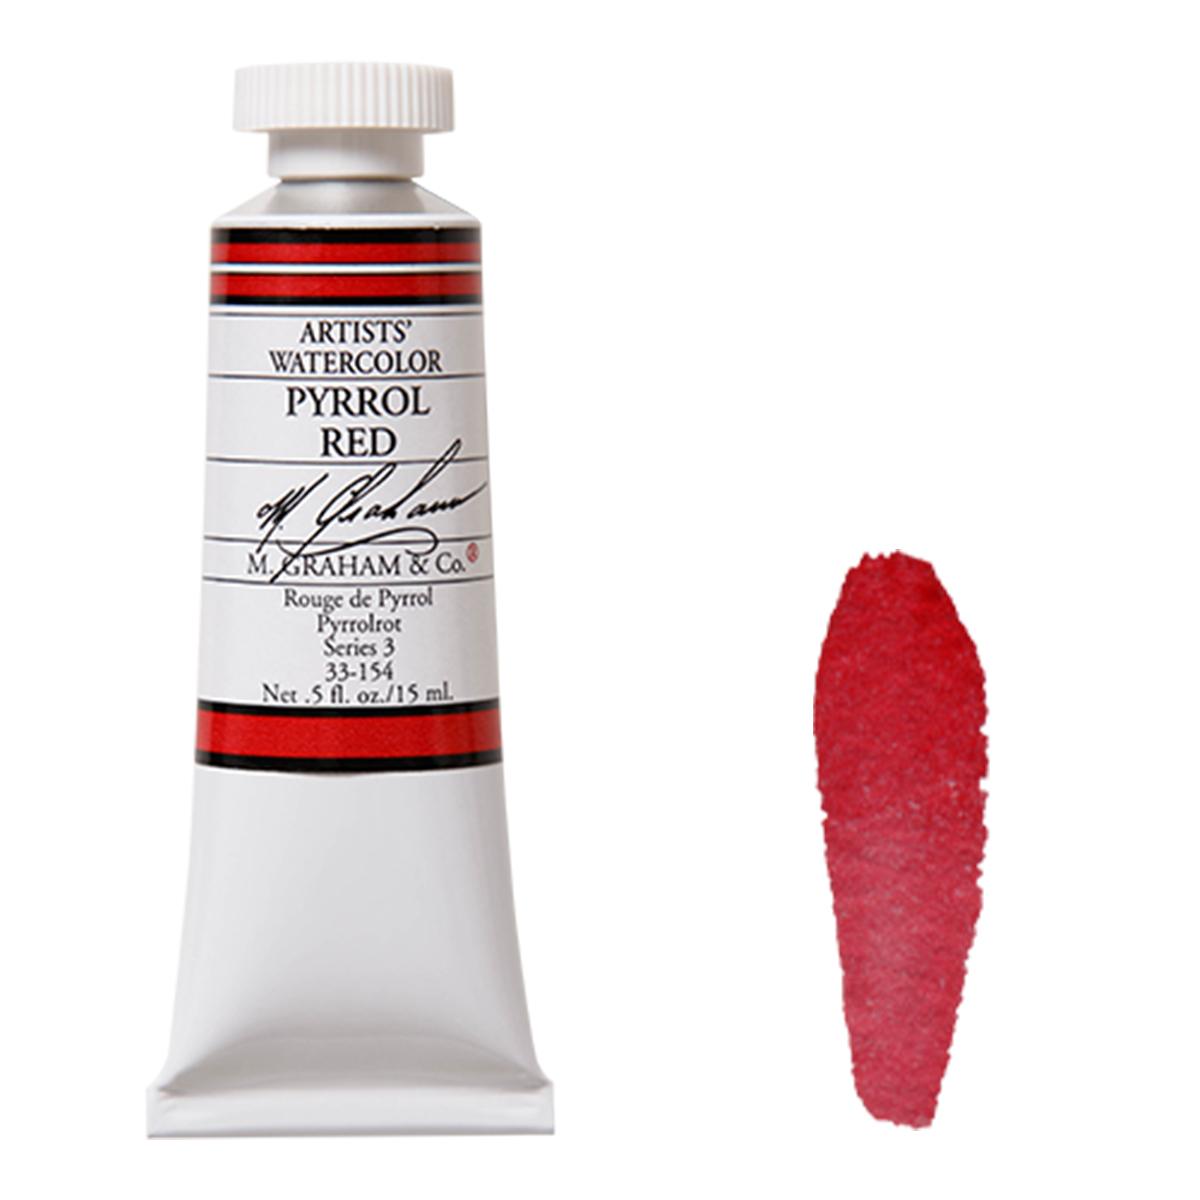 M. Graham ピロールレッド Pyrrol 感謝価格 水彩絵具 15mlチューブ 安い M.グラハム Red